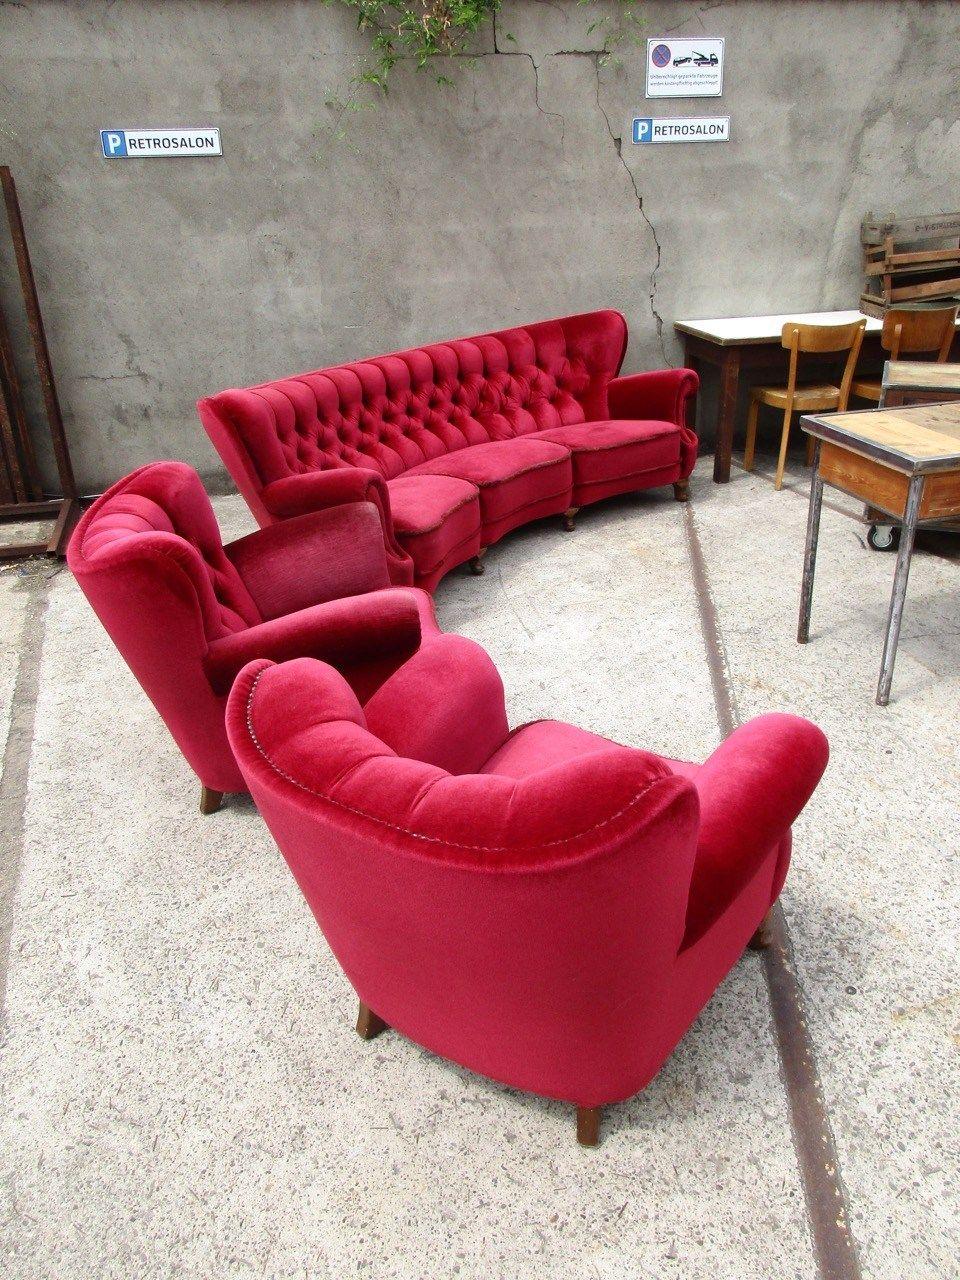 WARENEINGANG: gebogenes Chesterfield Sofa mit Sesseln, Sideboard und Schreibtisch im Industrie Design... - Retro Salon Cologne